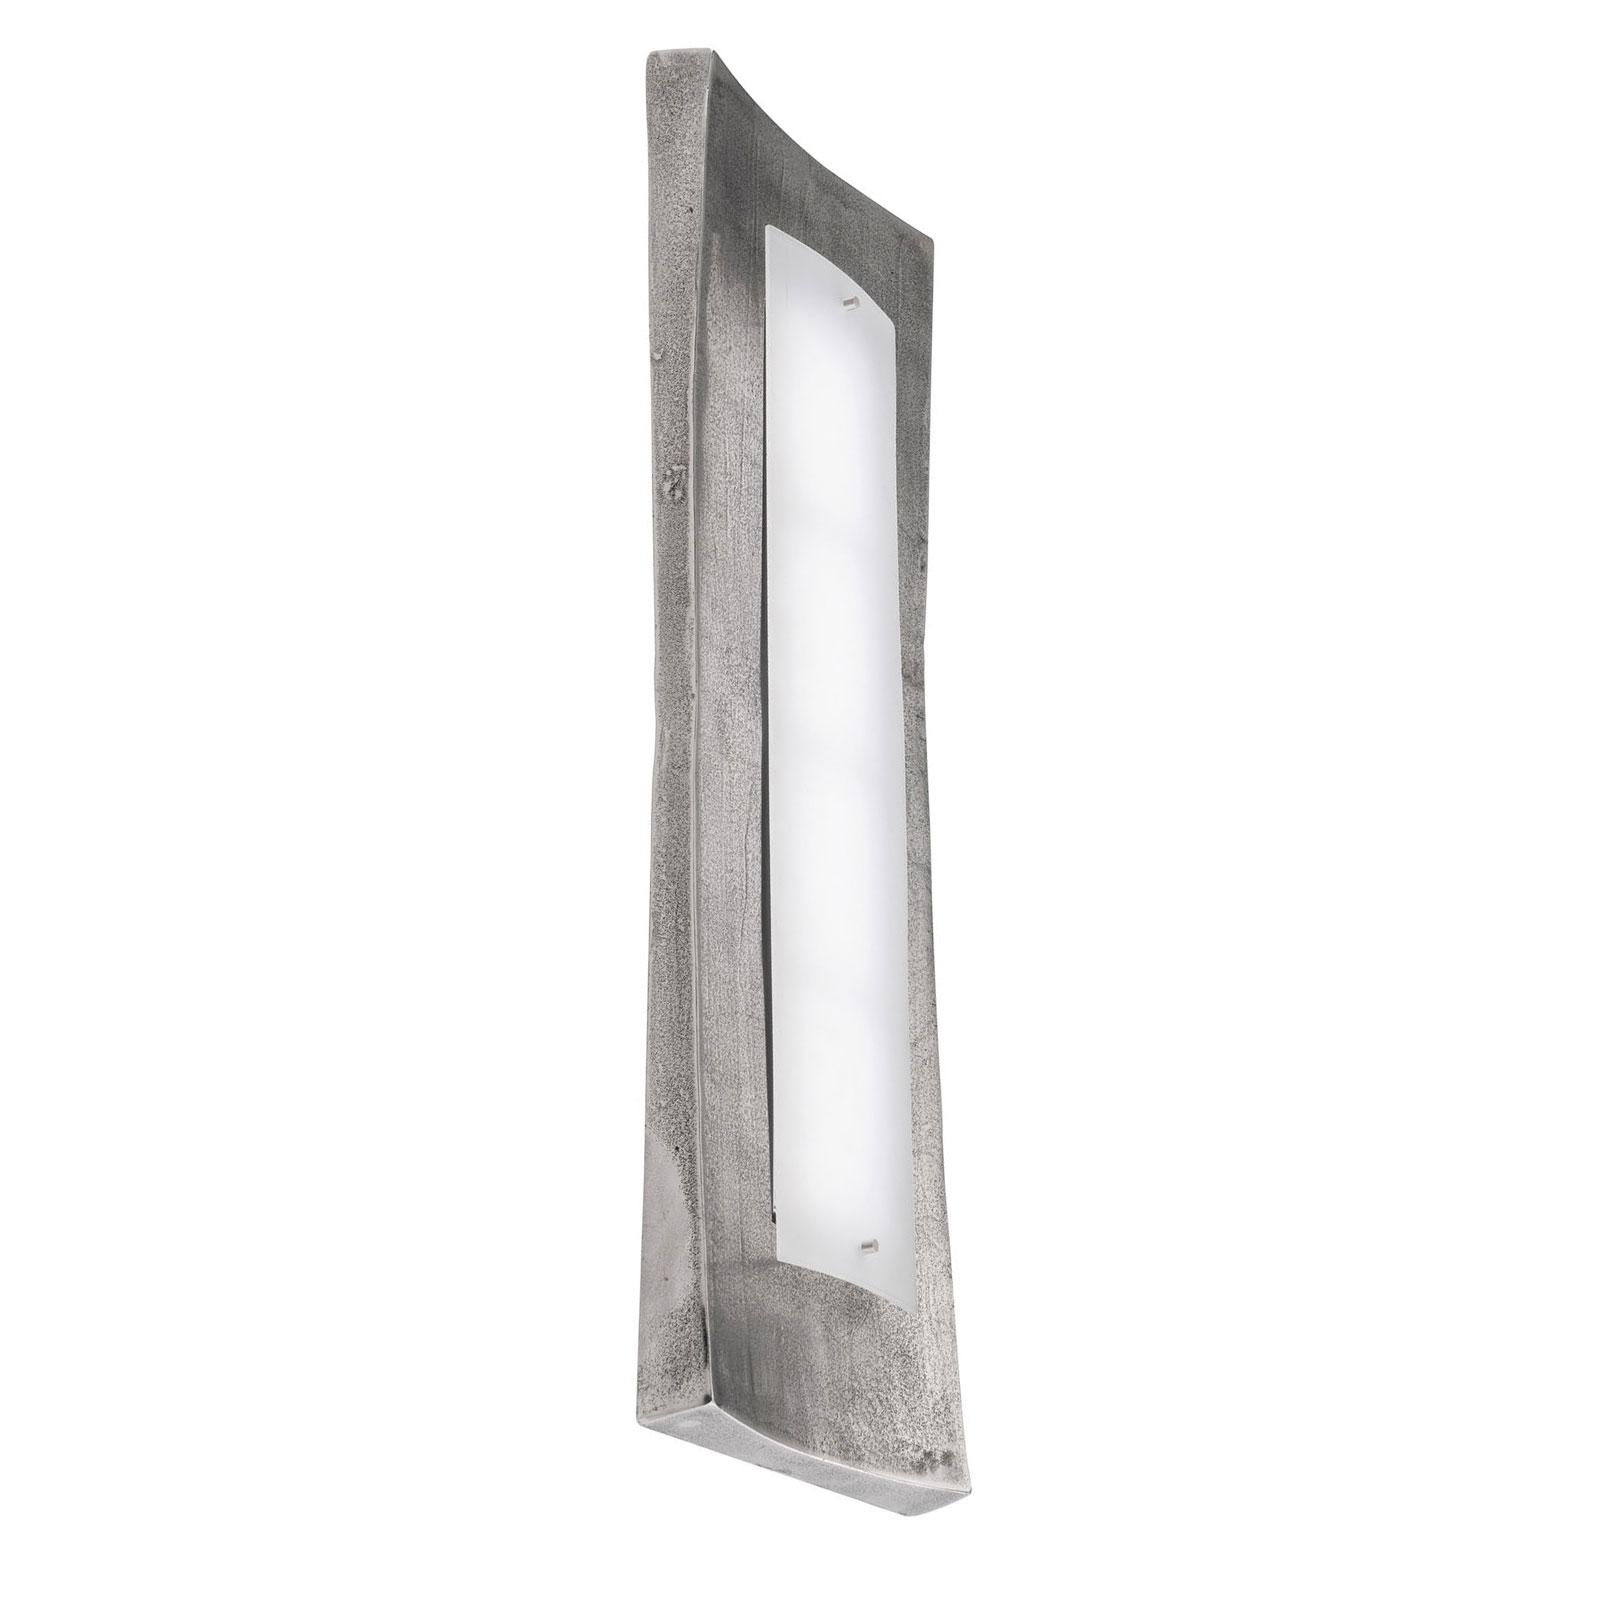 Wandlamp Calais CCT afstandsbediening, lengte 90cm